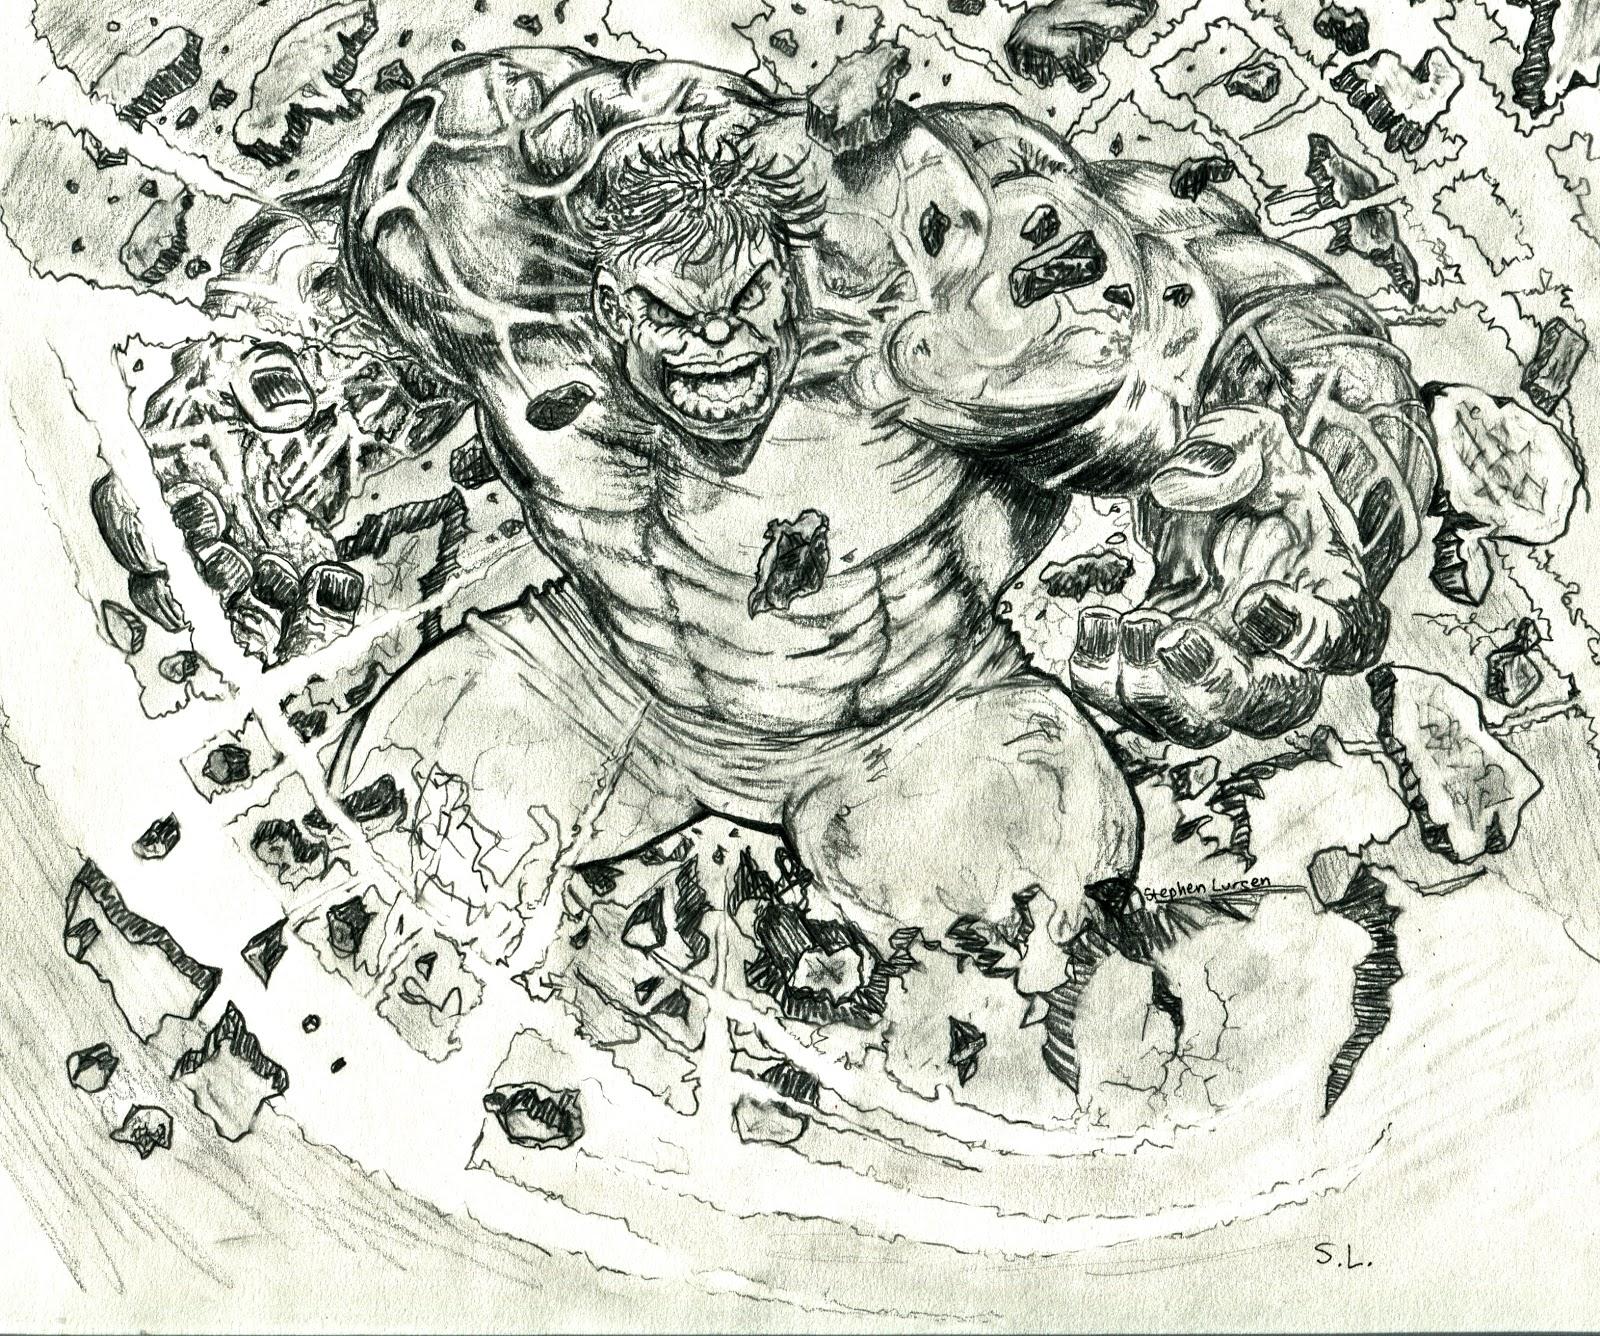 Stephen Lursen Art: Hulk Painting